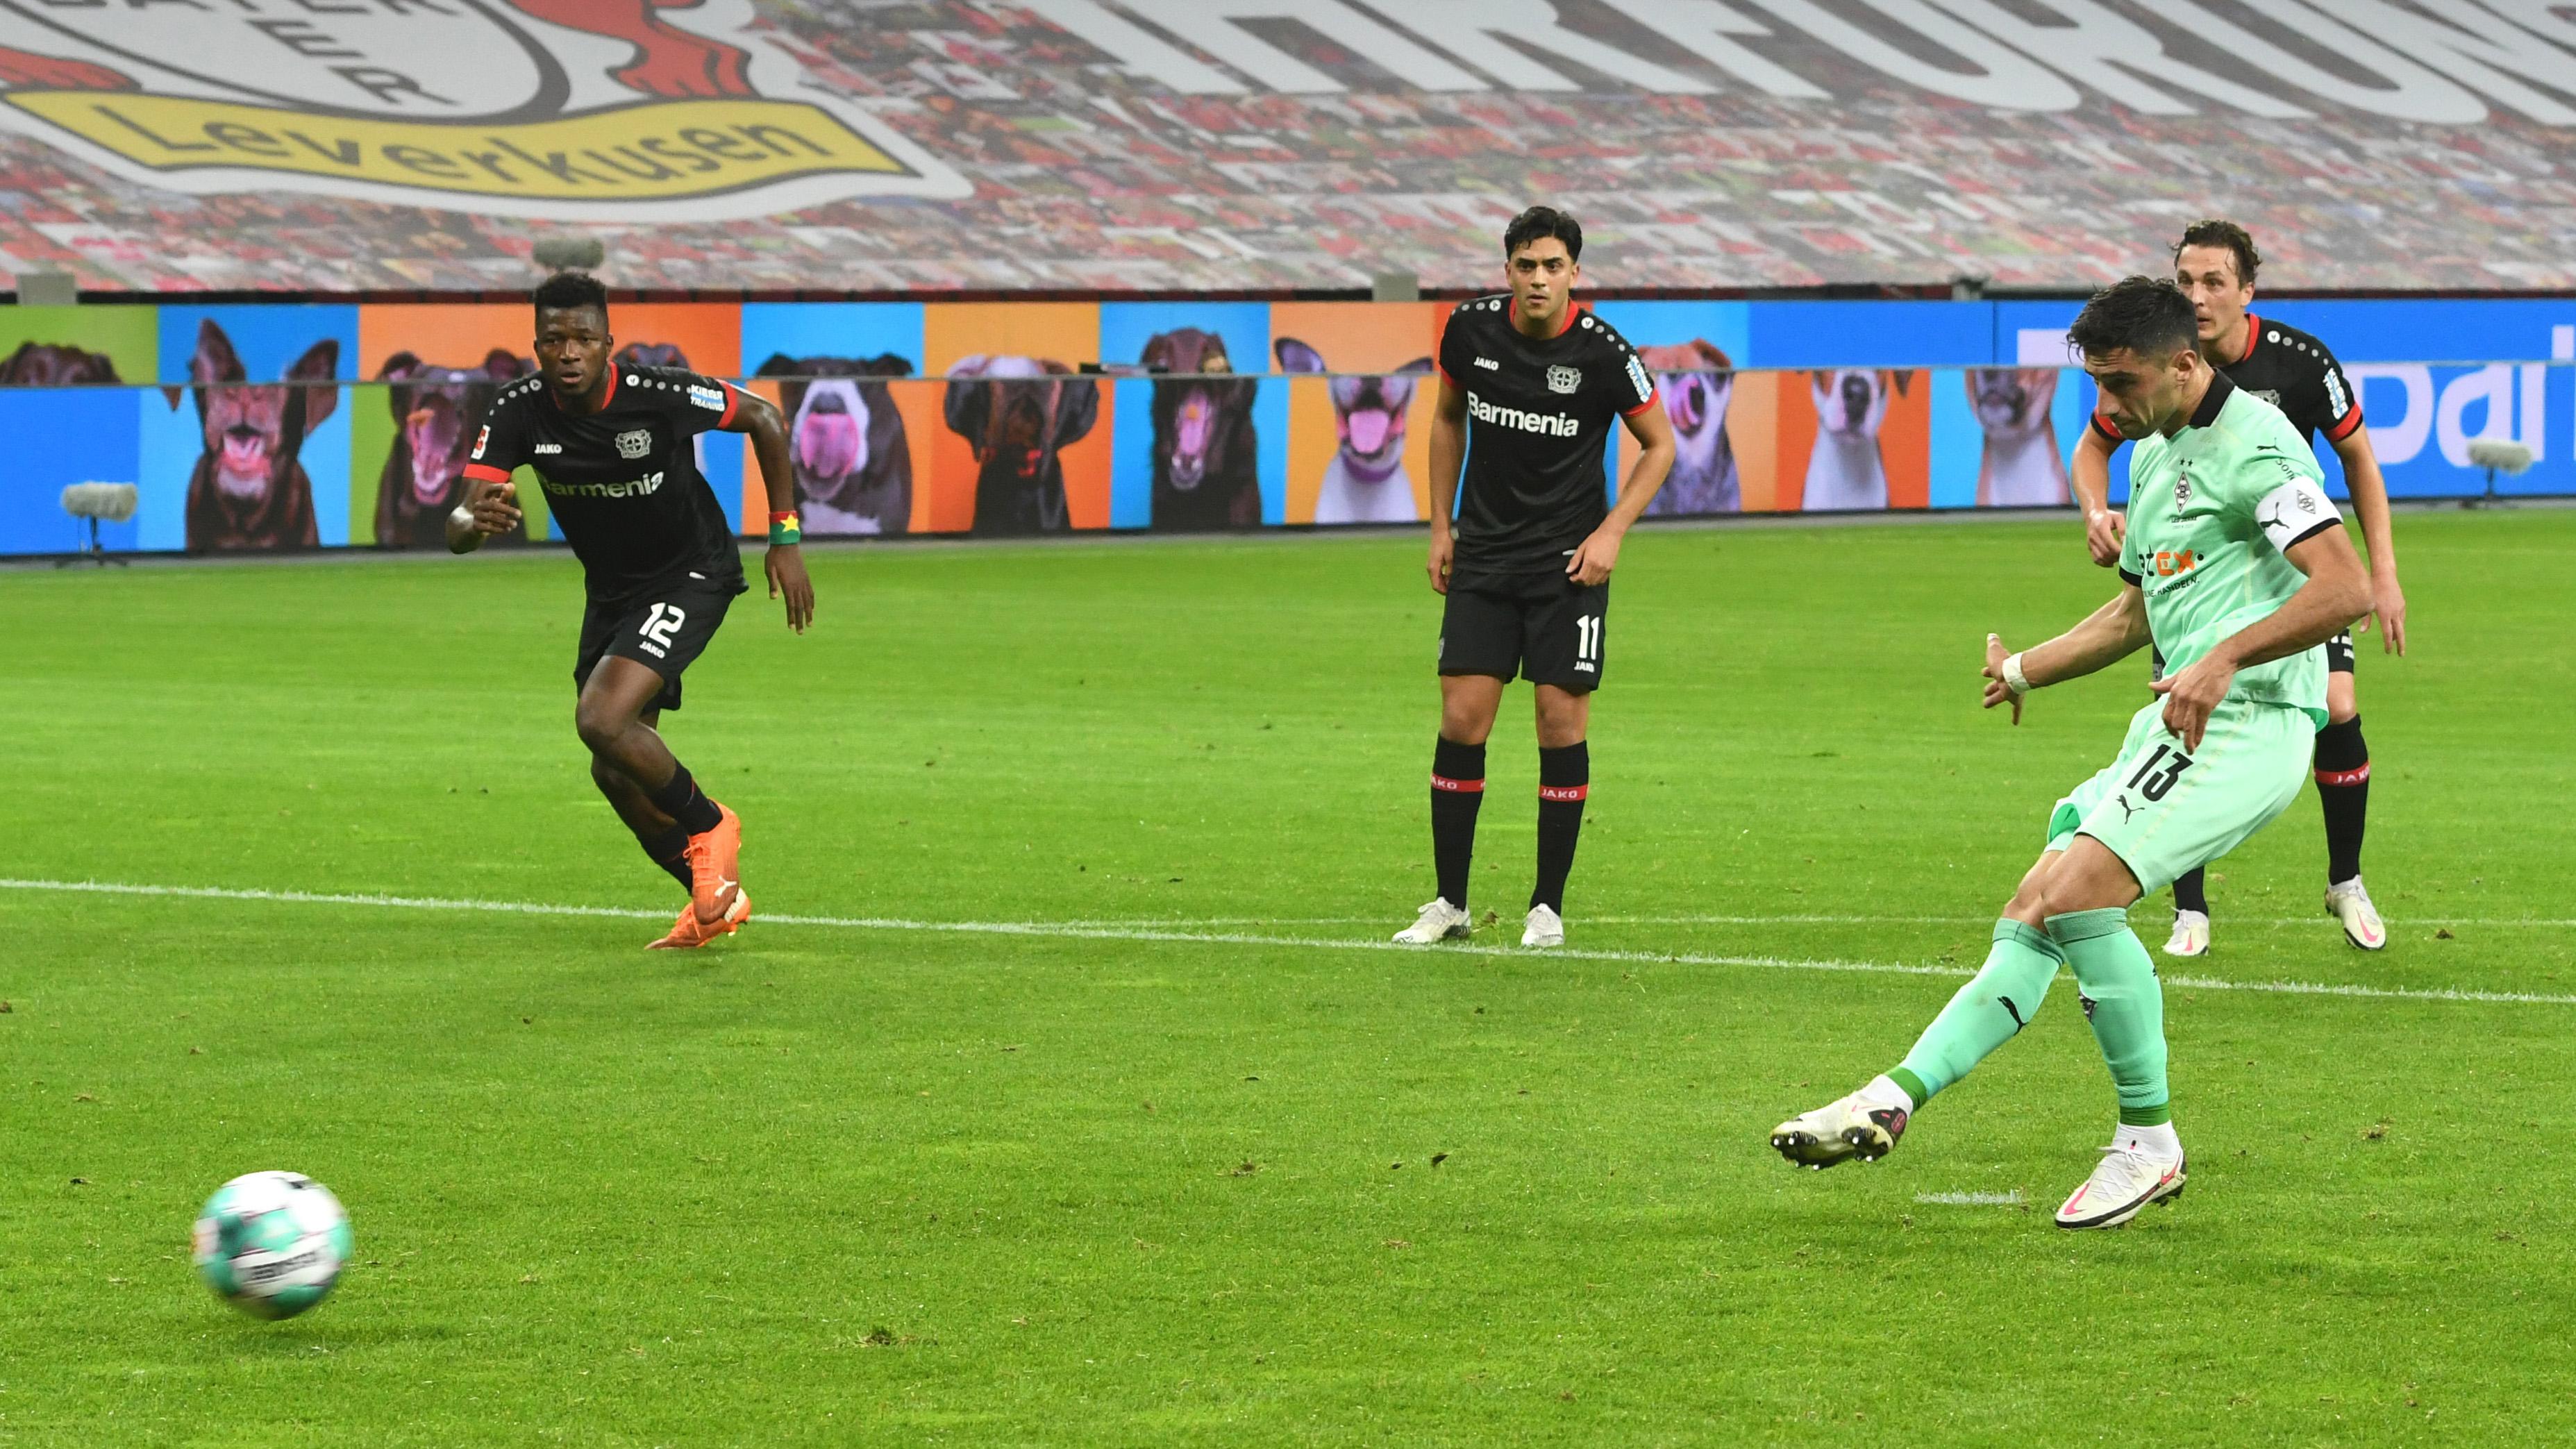 德甲|勒沃库森与沃尔夫斯堡双双获胜